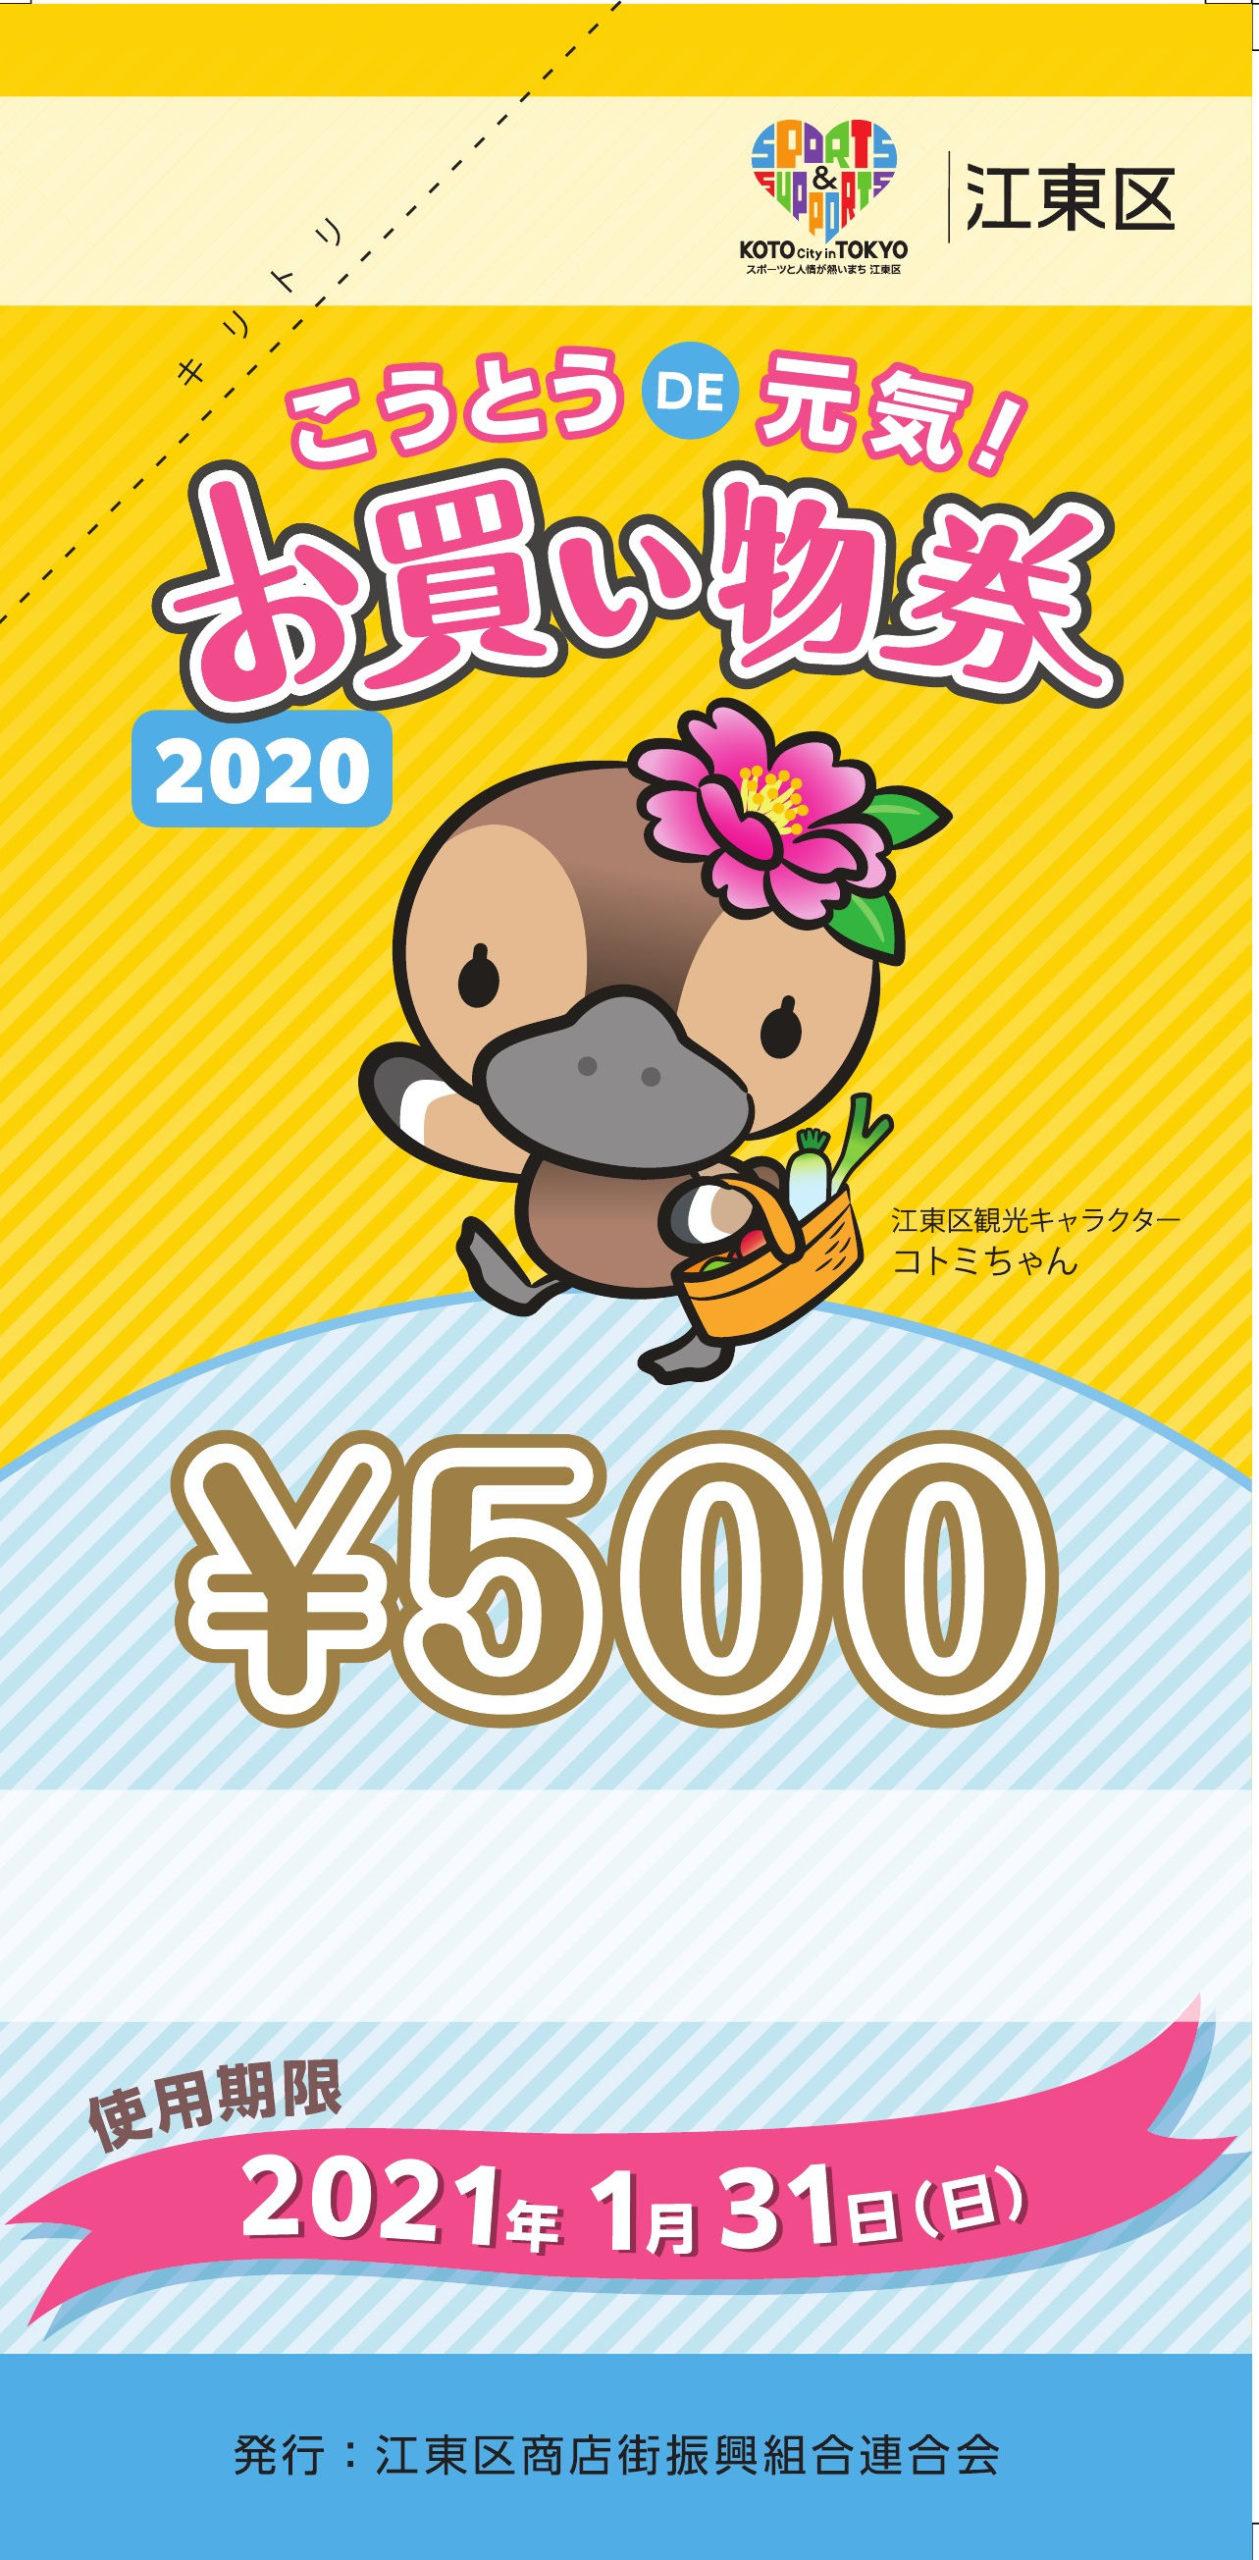 江東区「プレミアム商品券2020」が発売されます!(先着販売)